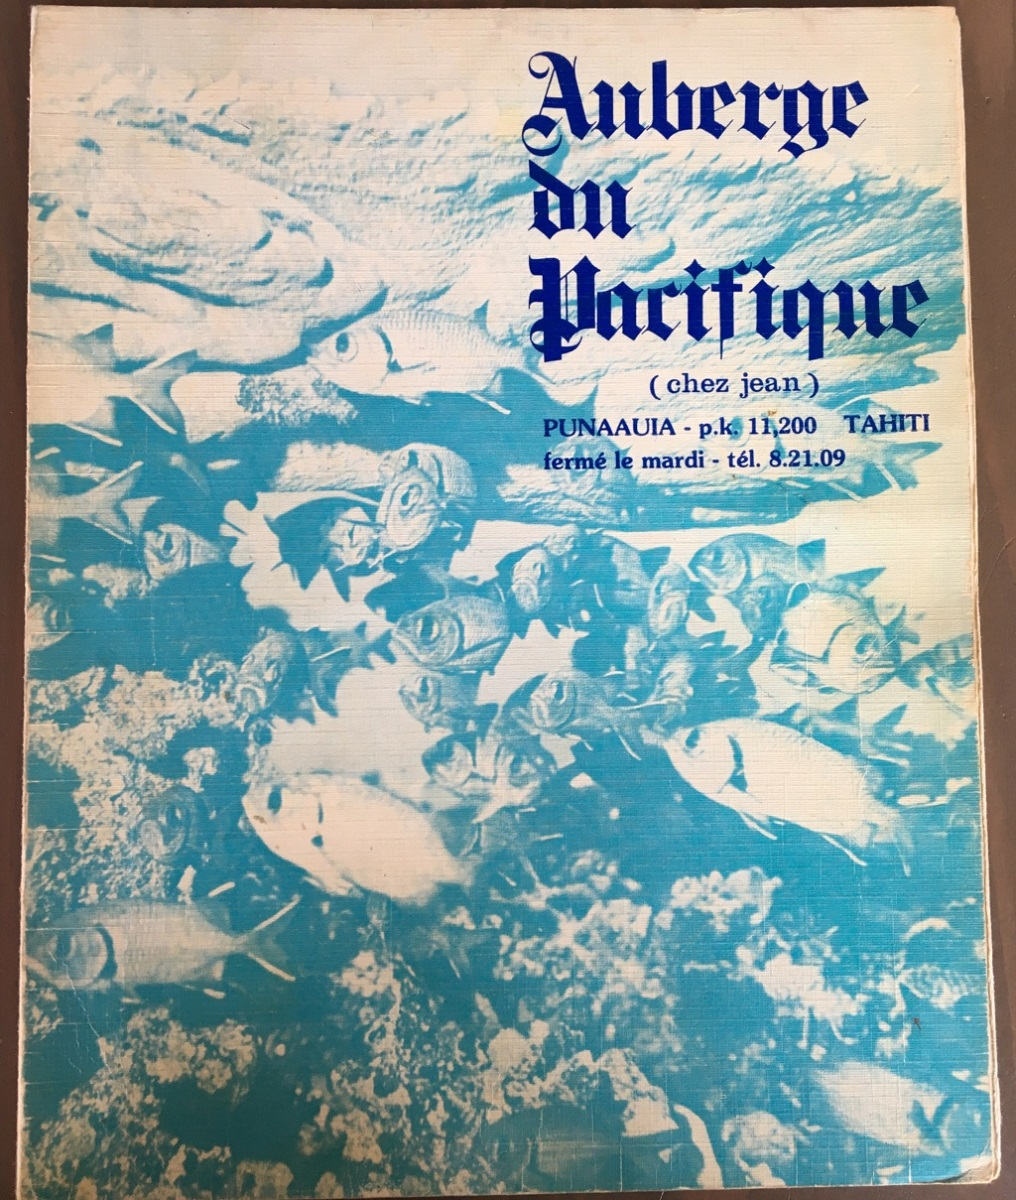 [Tahiti] Il n'y avait pas que le front de mer à Tahiti - Page 9 Img_0826